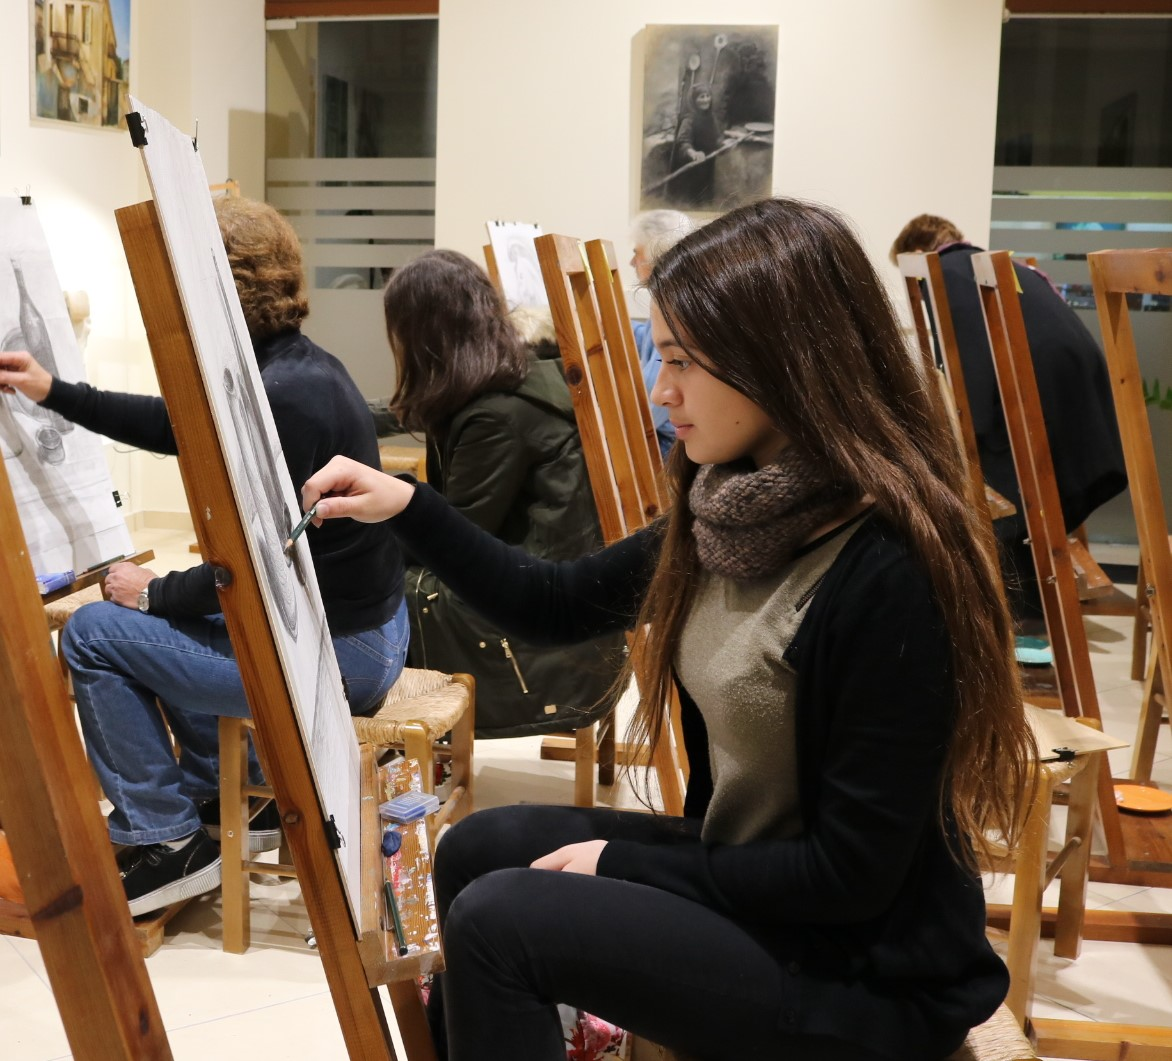 Ξεκινούν οι αιτήσεις εγγραφής στο Εργαστήρι Ζωγραφικής του Δήμου Πύργου